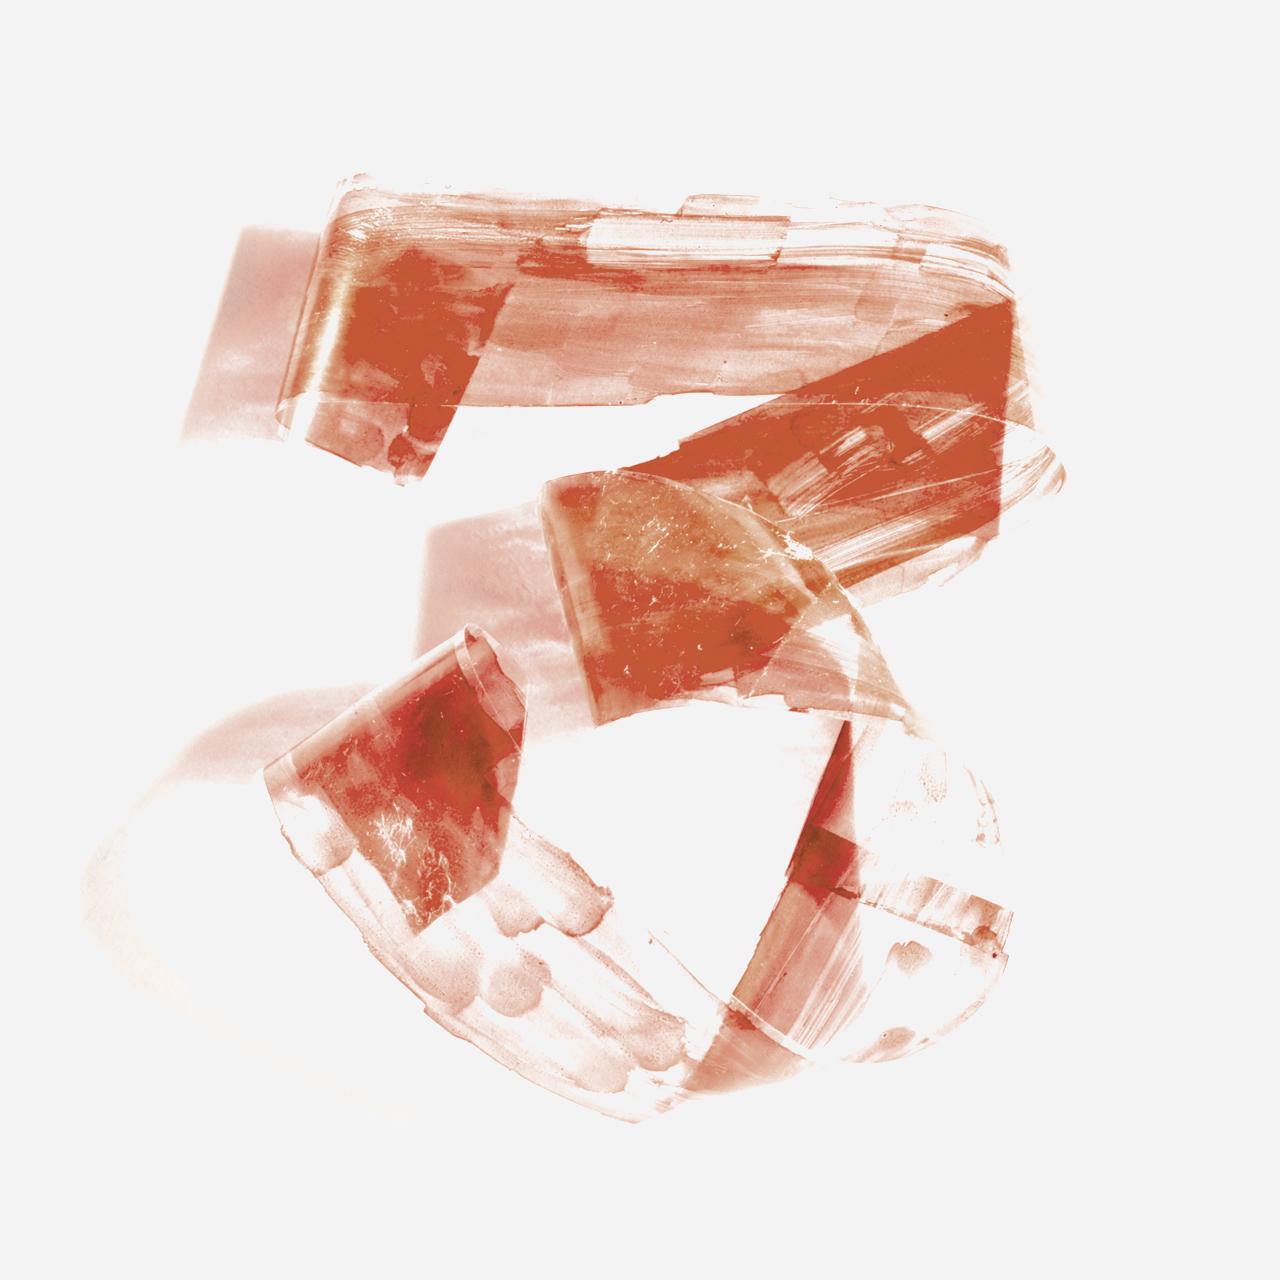 N - Deze letter, gemaakt van zeewier, is alleen te zien vanaf een bepaald standpunt.